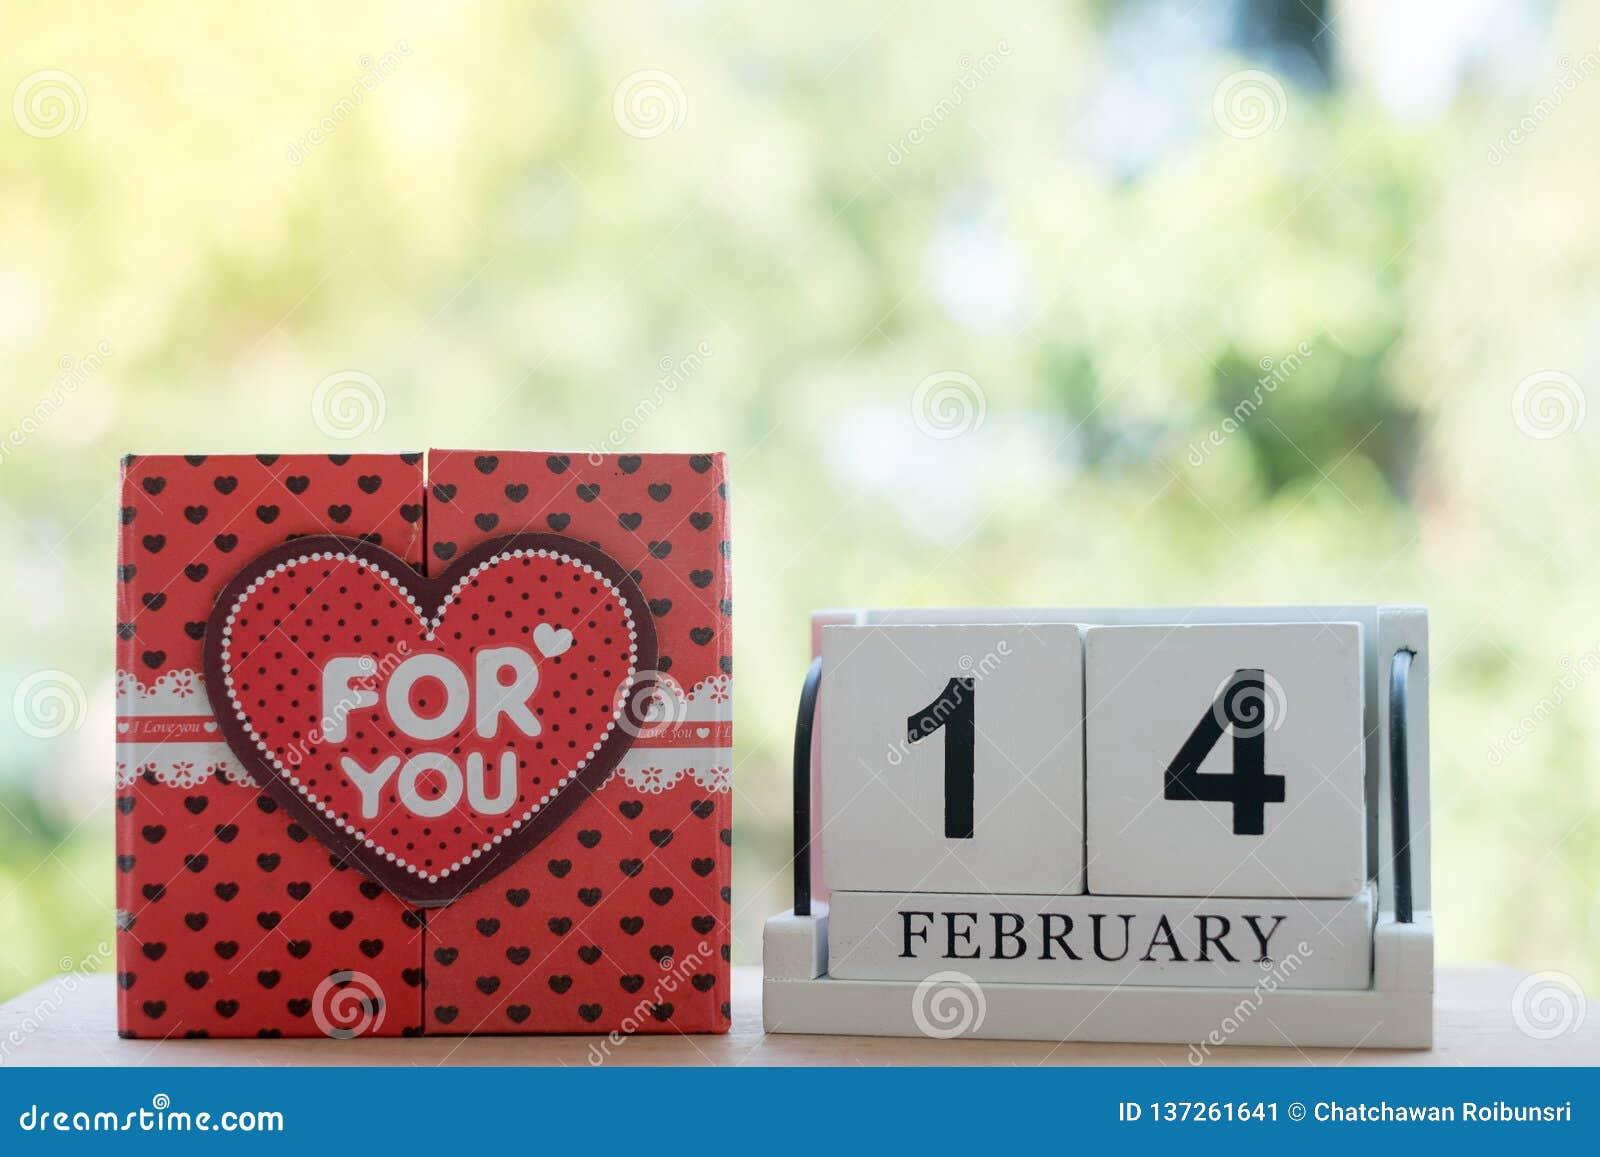 Le calendrier en bois, le 14 février, se compose d une boîte de coeurs rouges qui sont écrits pour vous, placée côte à côte avec